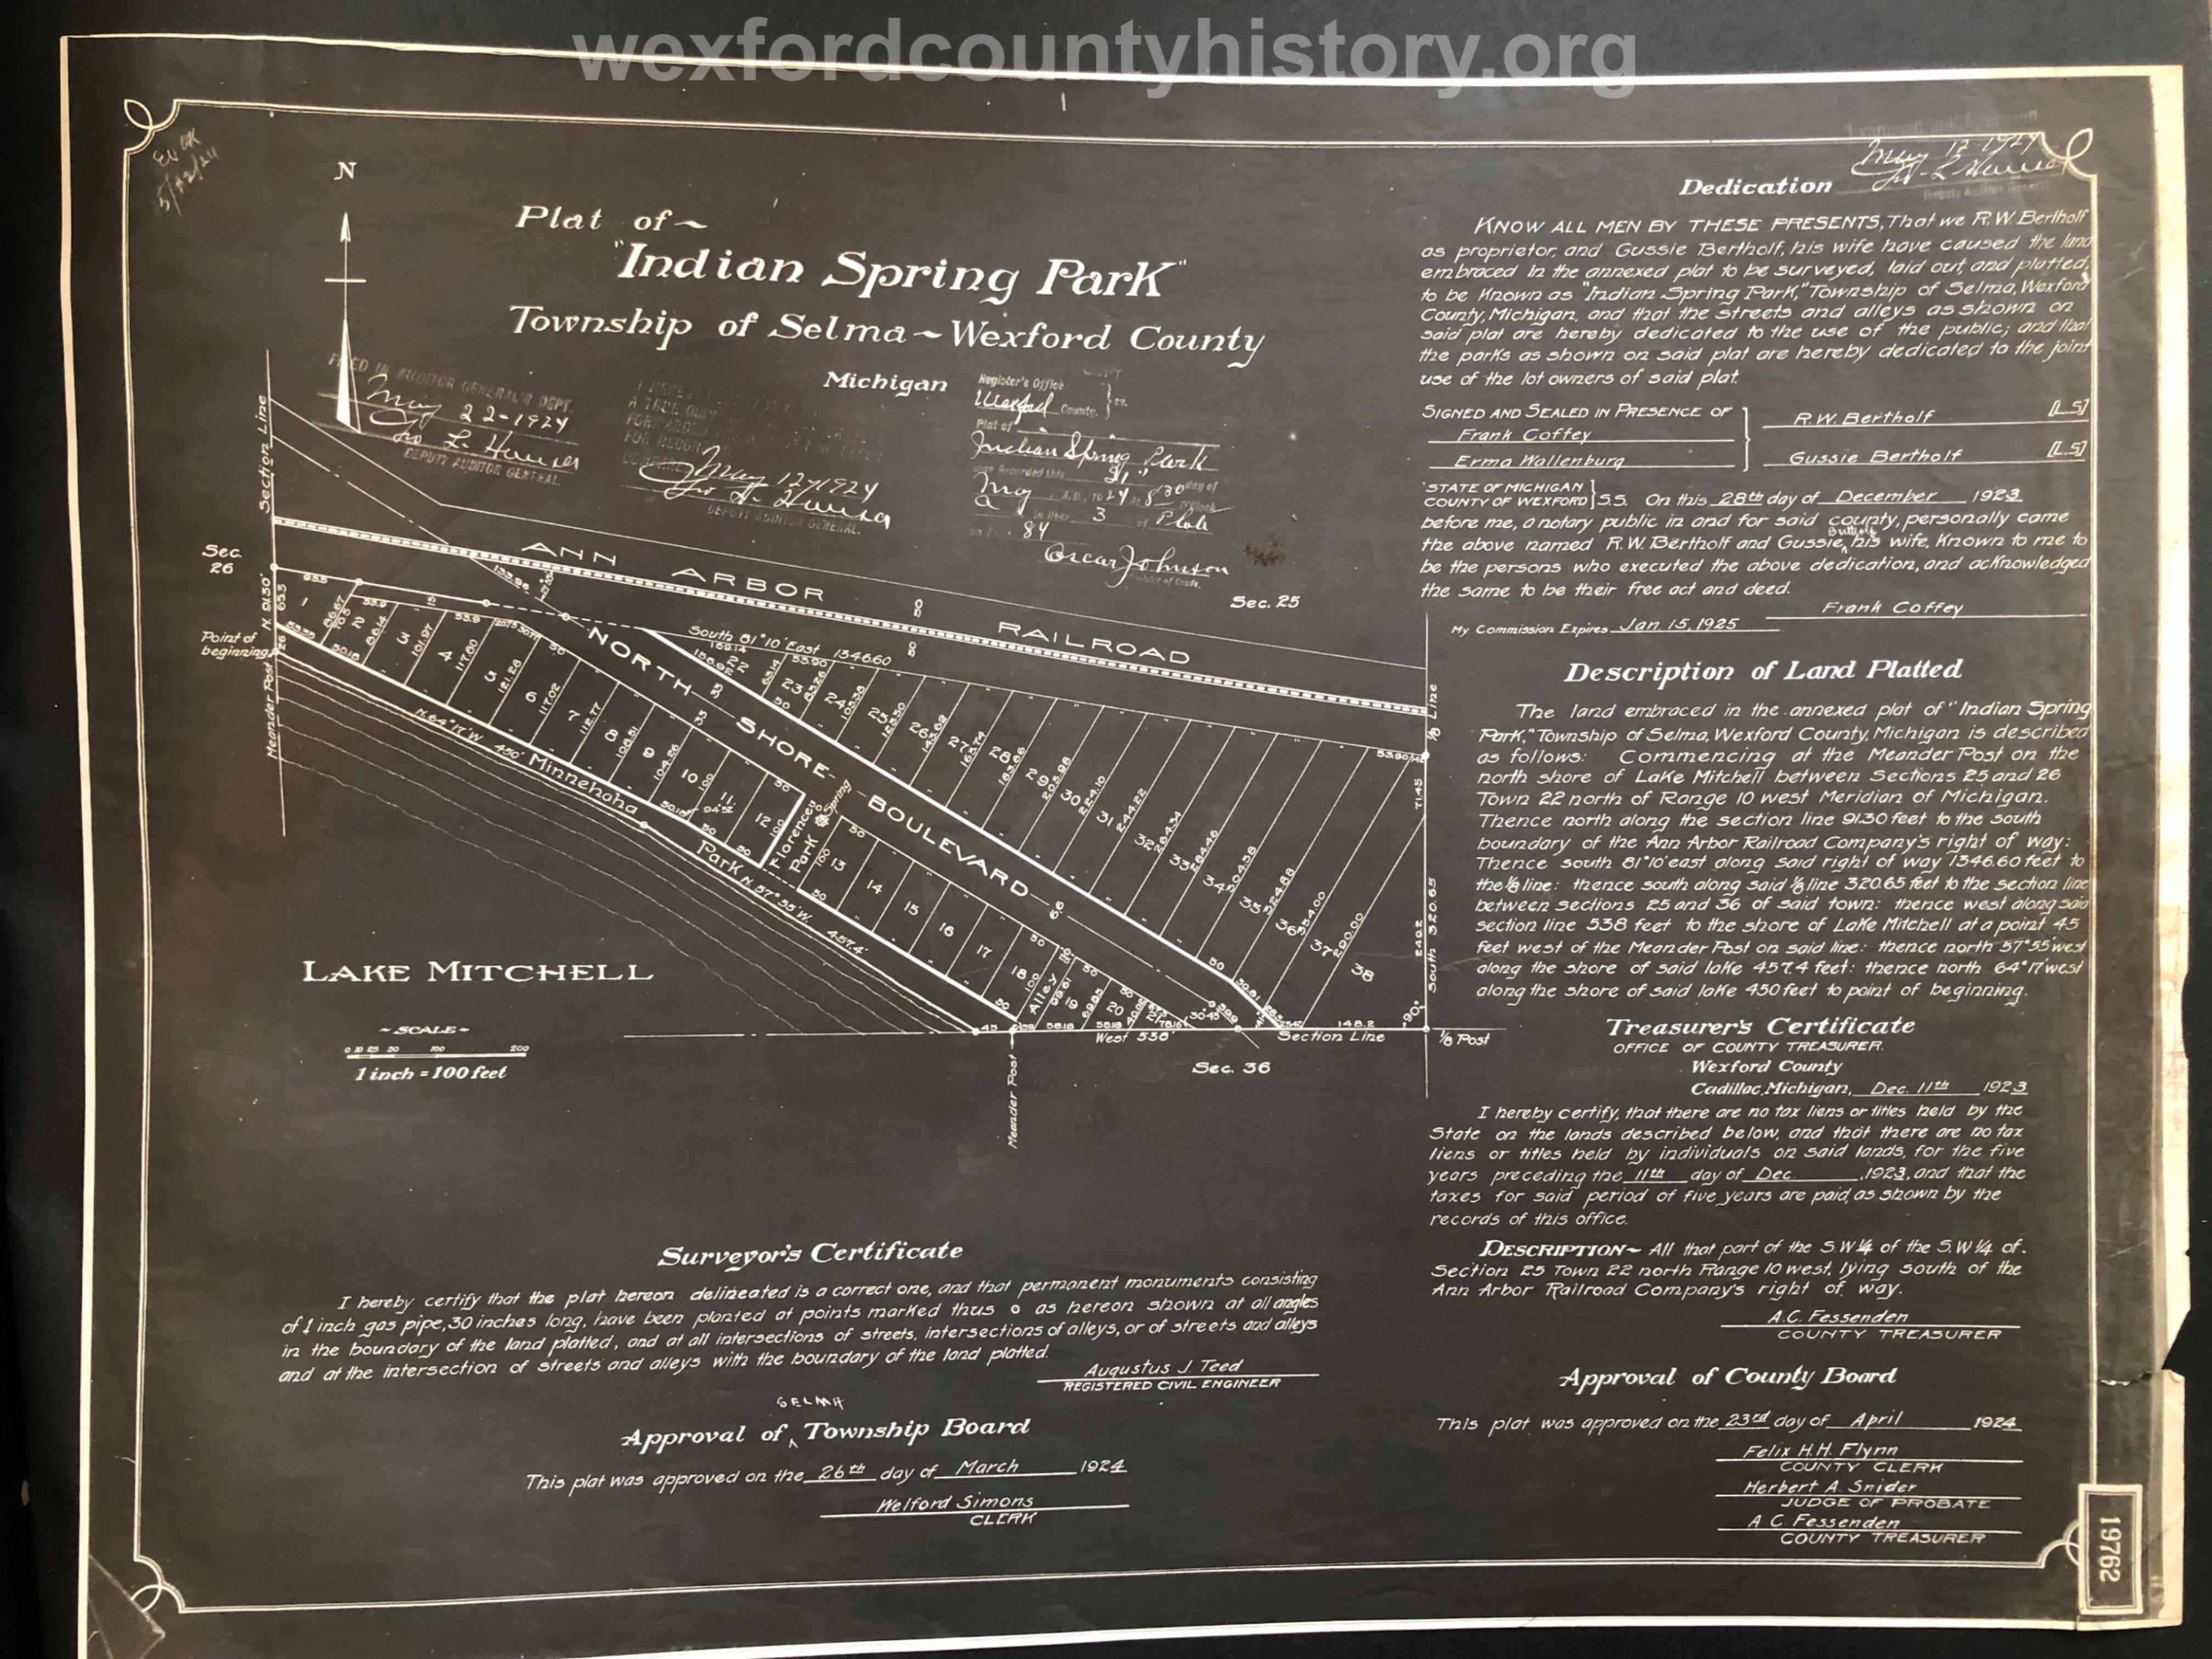 1924 - Indian Spring Park